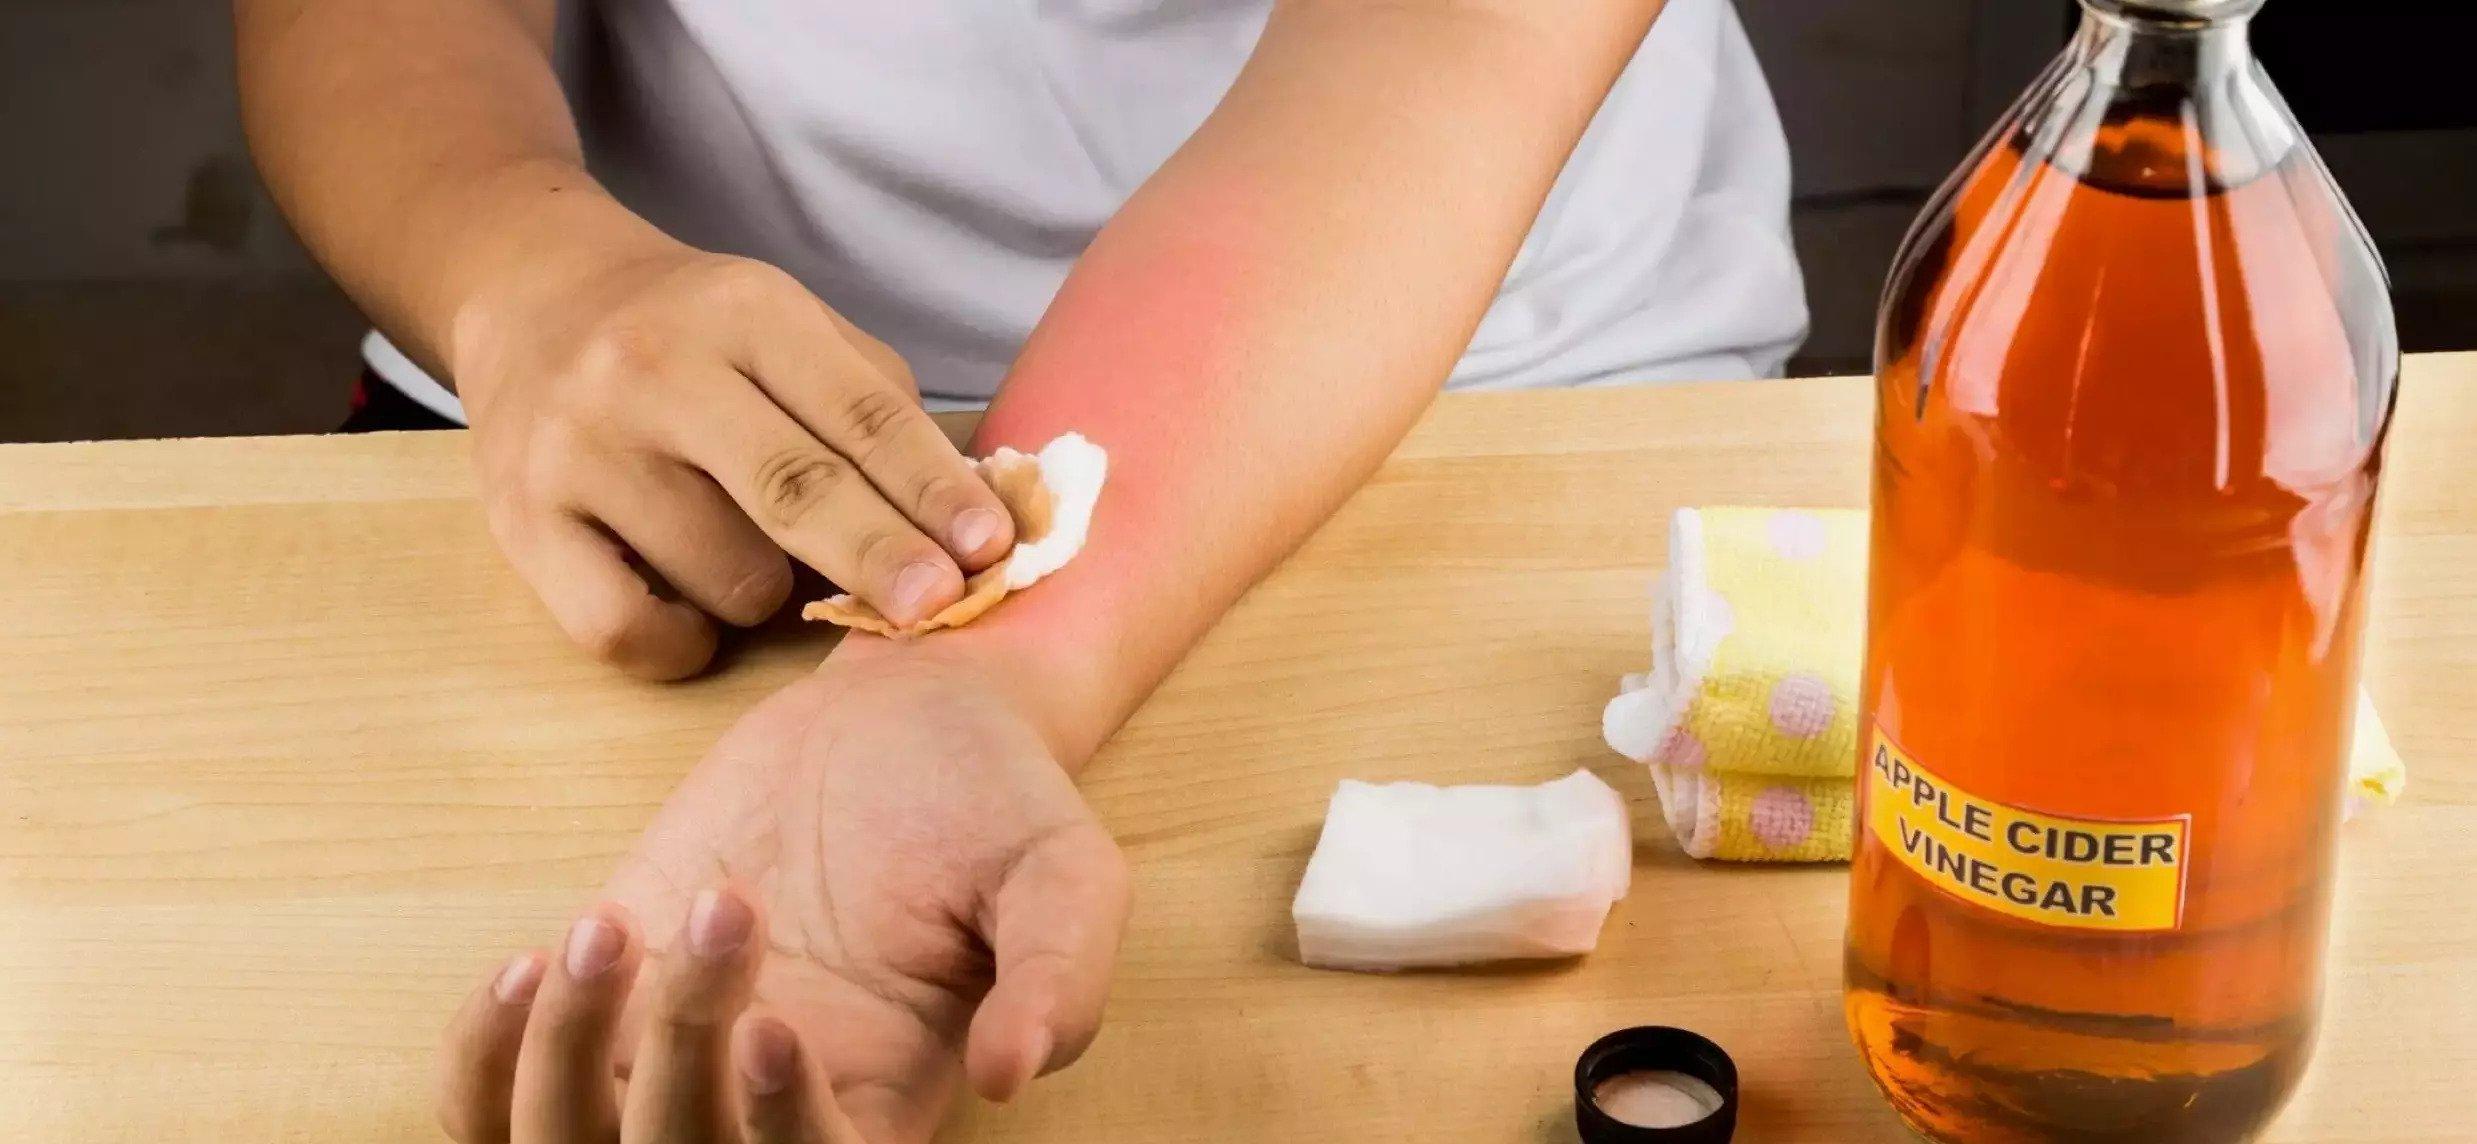 Vinegar for sunburn: Is Vinegar good for sunburn relief?